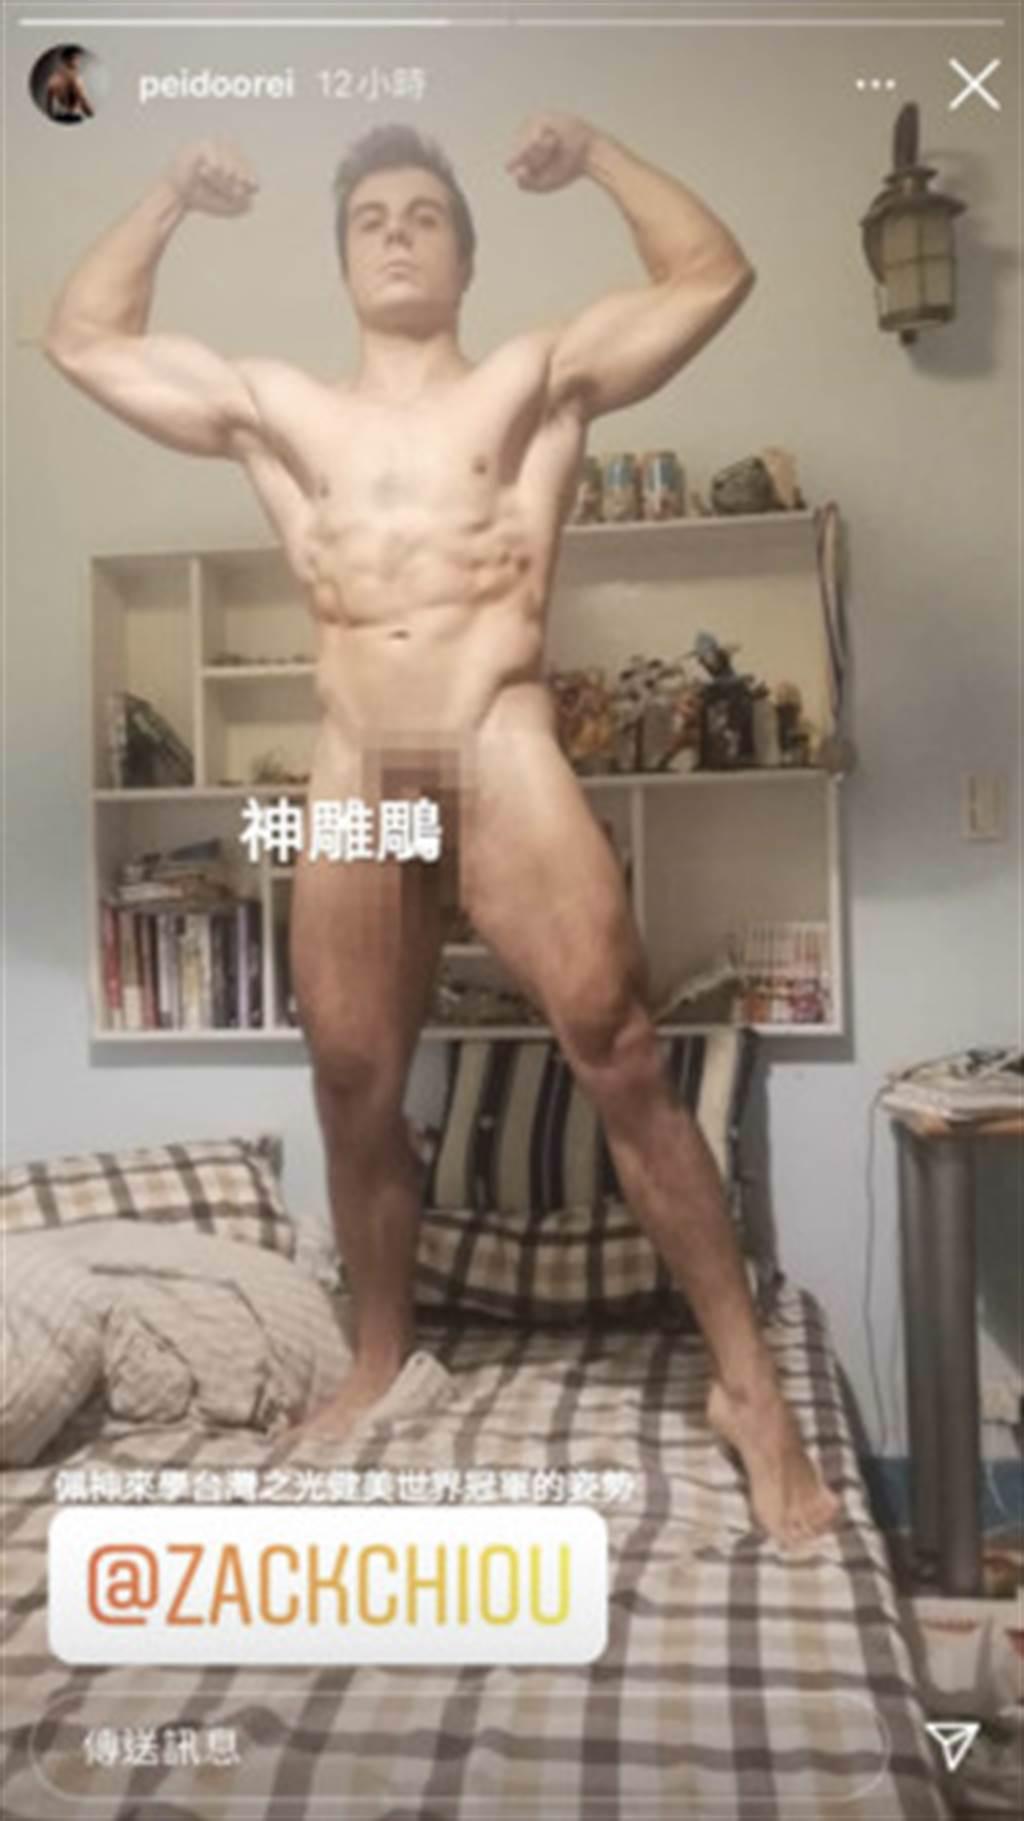 佩德羅曬出全裸照,自信擺出選美姿勢。(圖/翻攝自佩德羅IG)